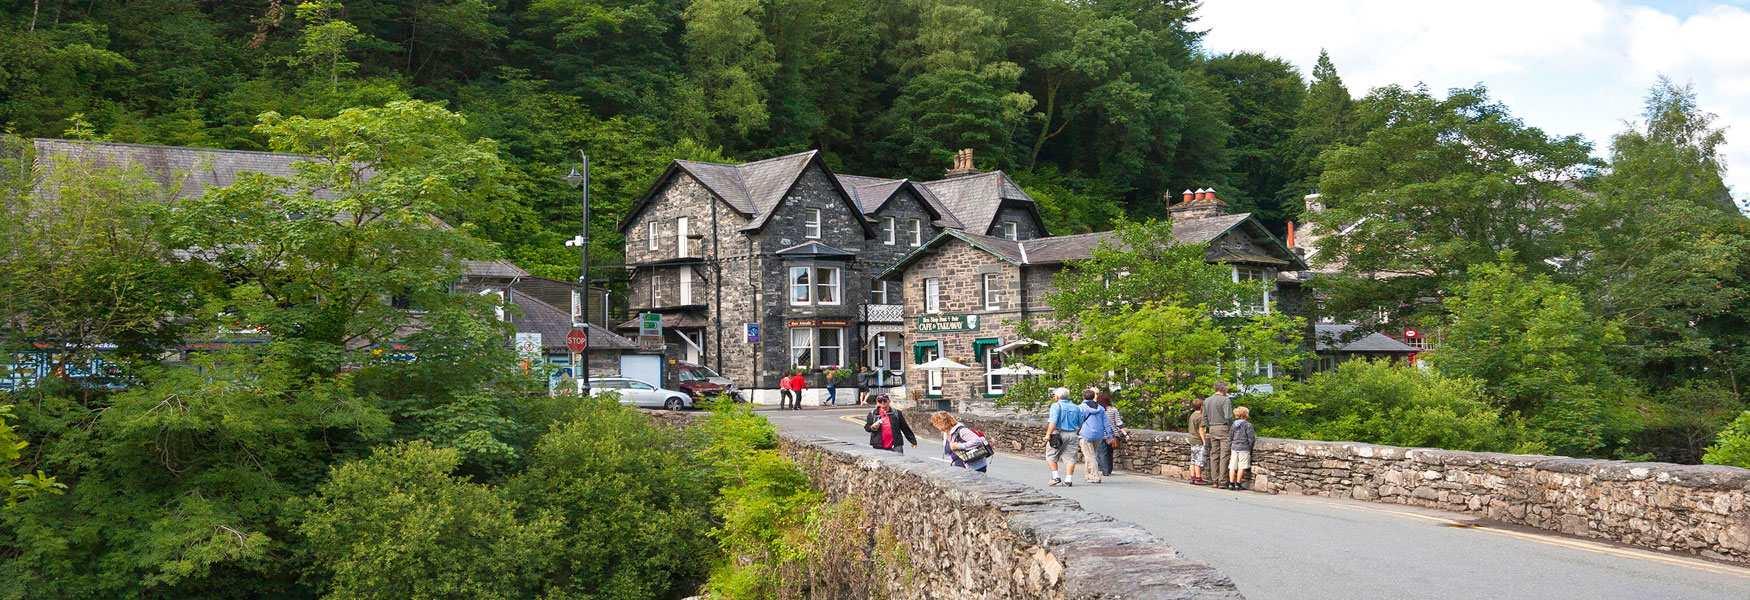 Snowdonia's Principal Village